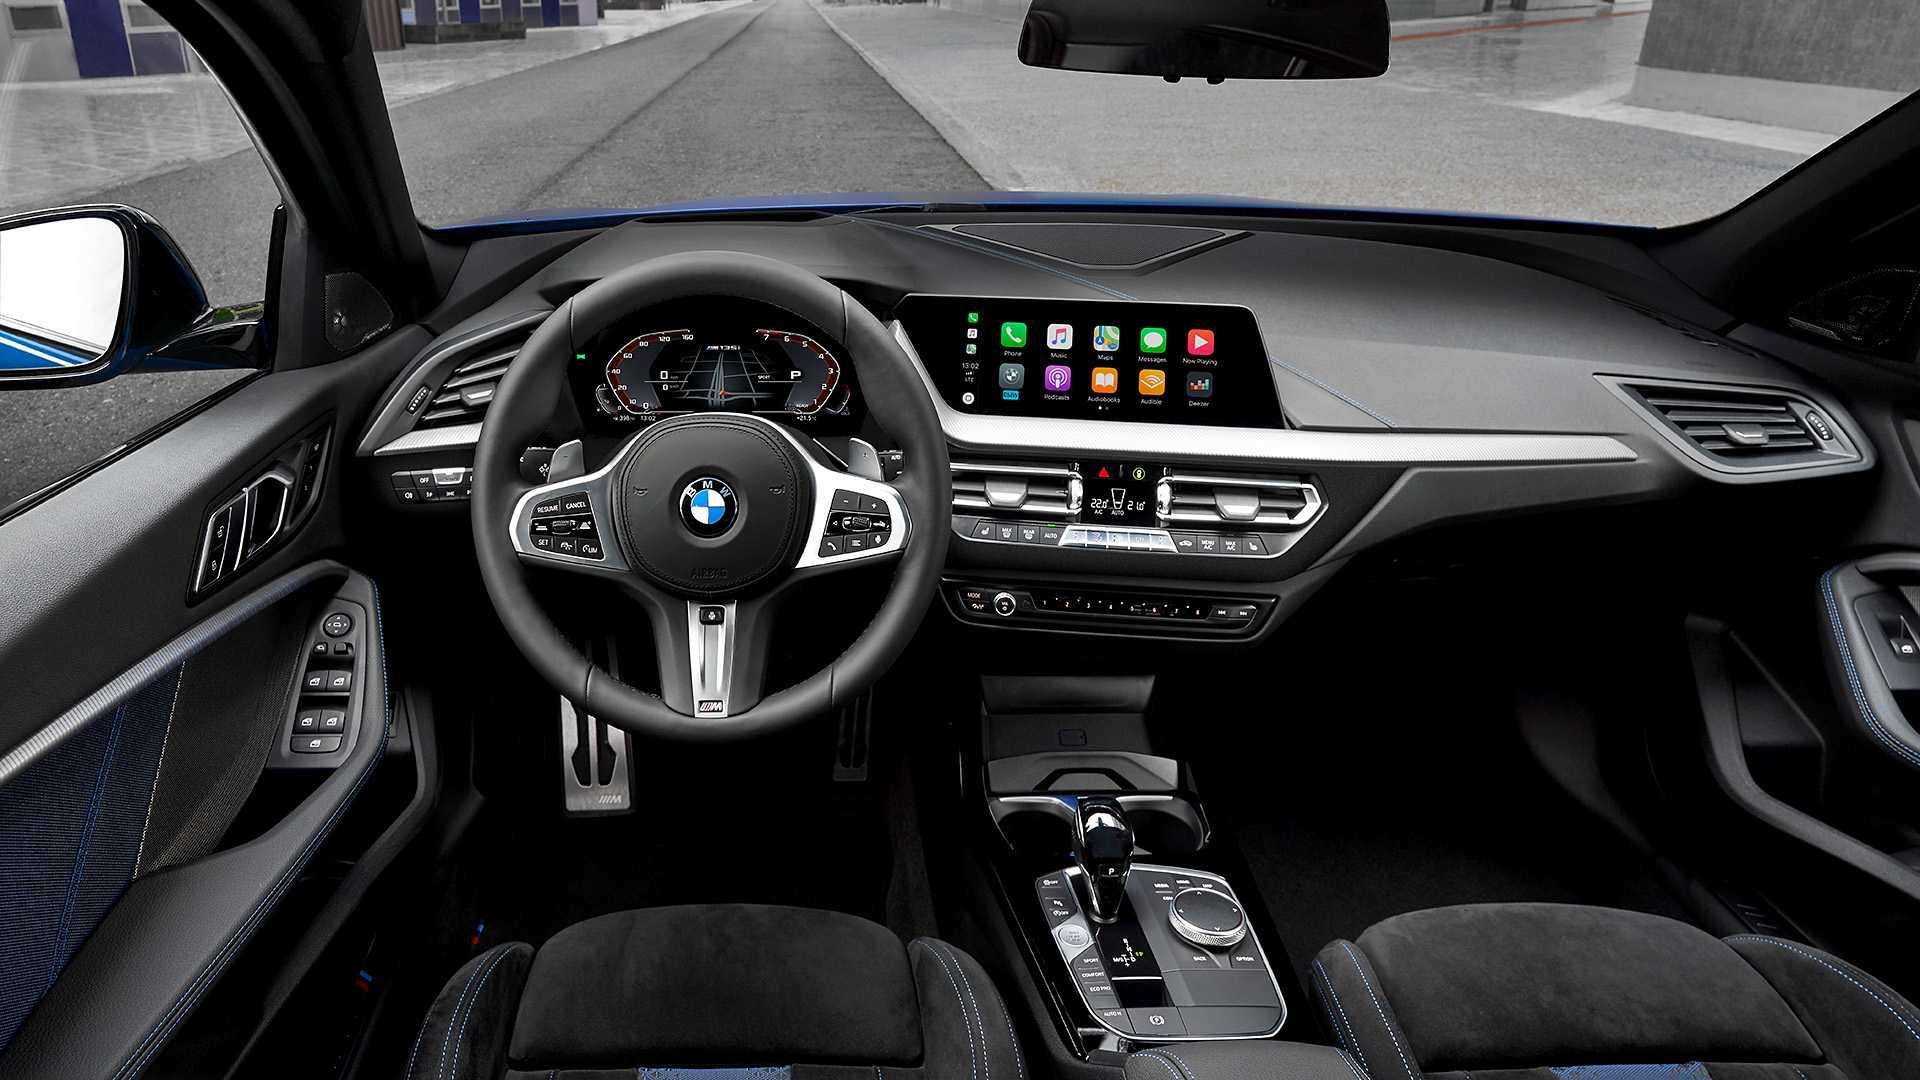 BMW 1 Series thế hệ mới, chiếc hatchback cỡ nhỏ chất không kém đàn anh X2 23